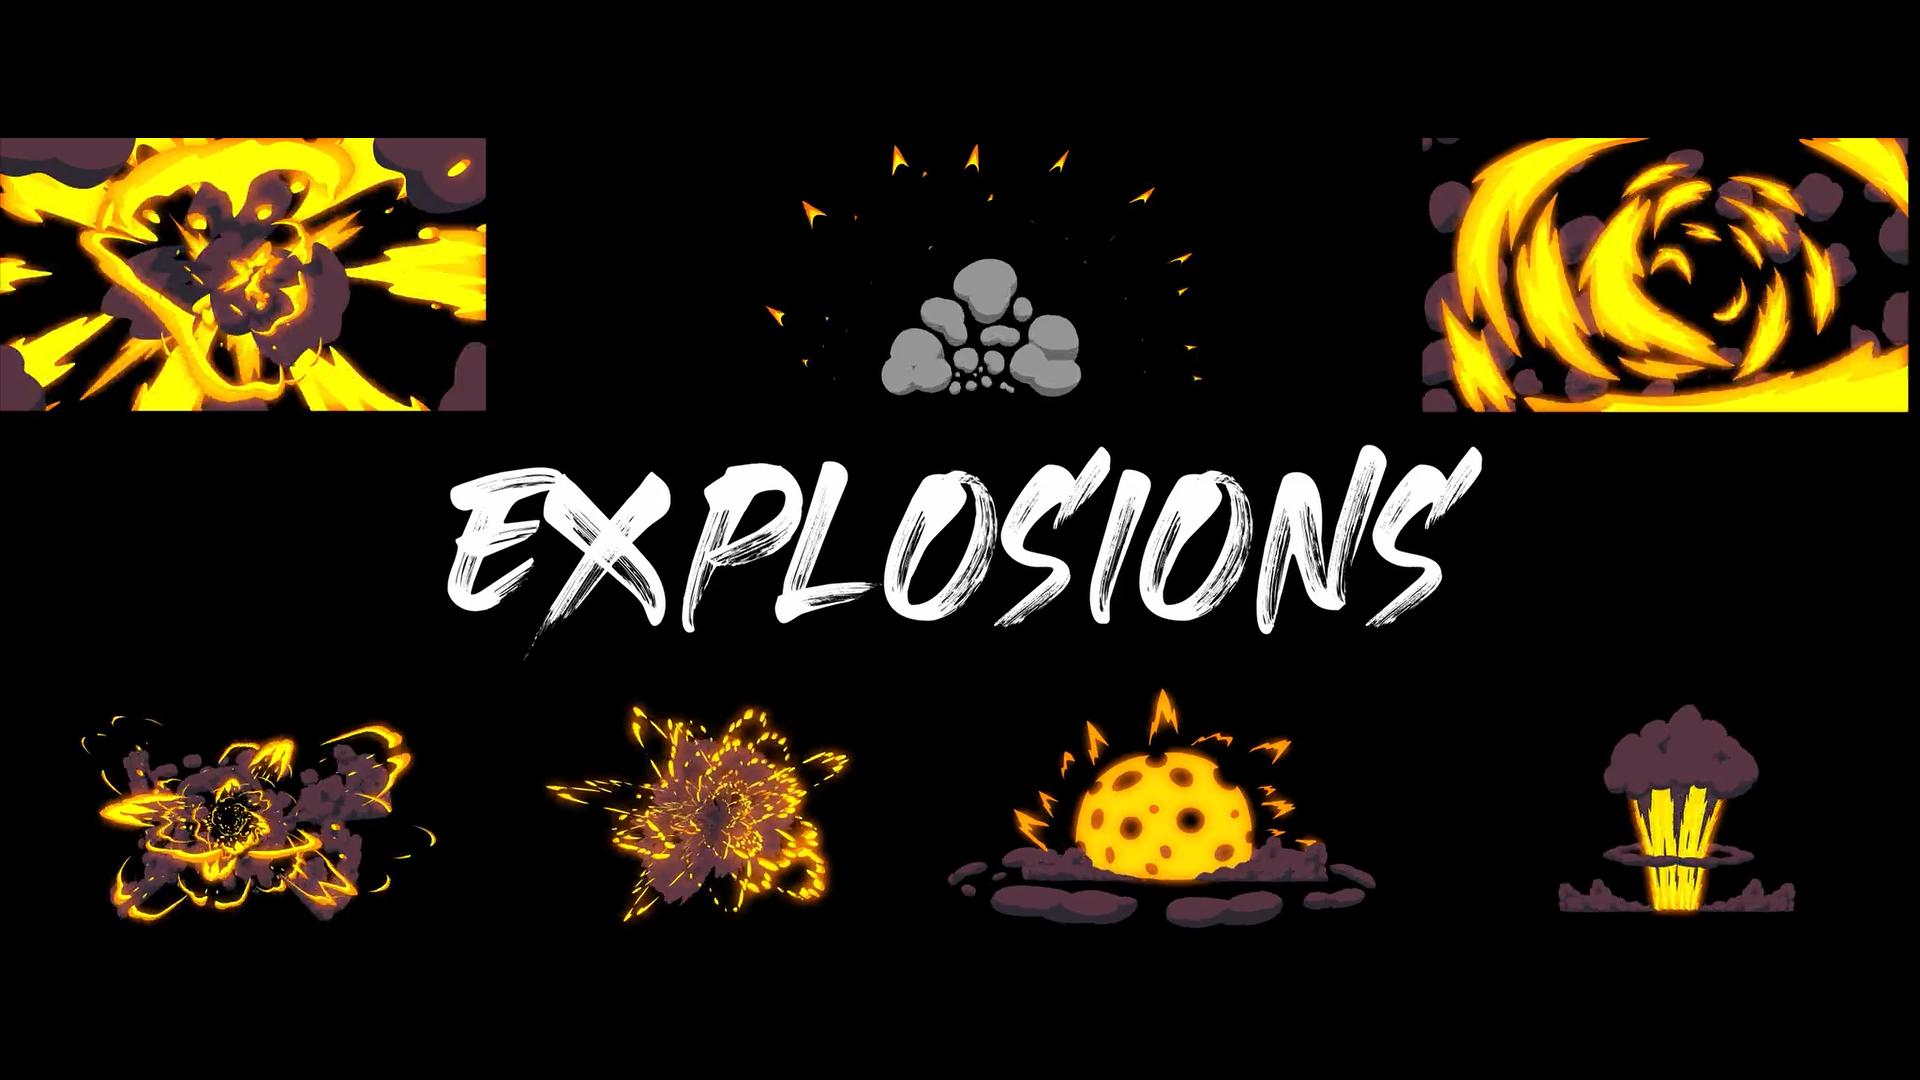 Cinepacks 2d卡通动画爆炸动作水花飞溅火焰效果烟雾缭绕视频素材(4370)插图(4)